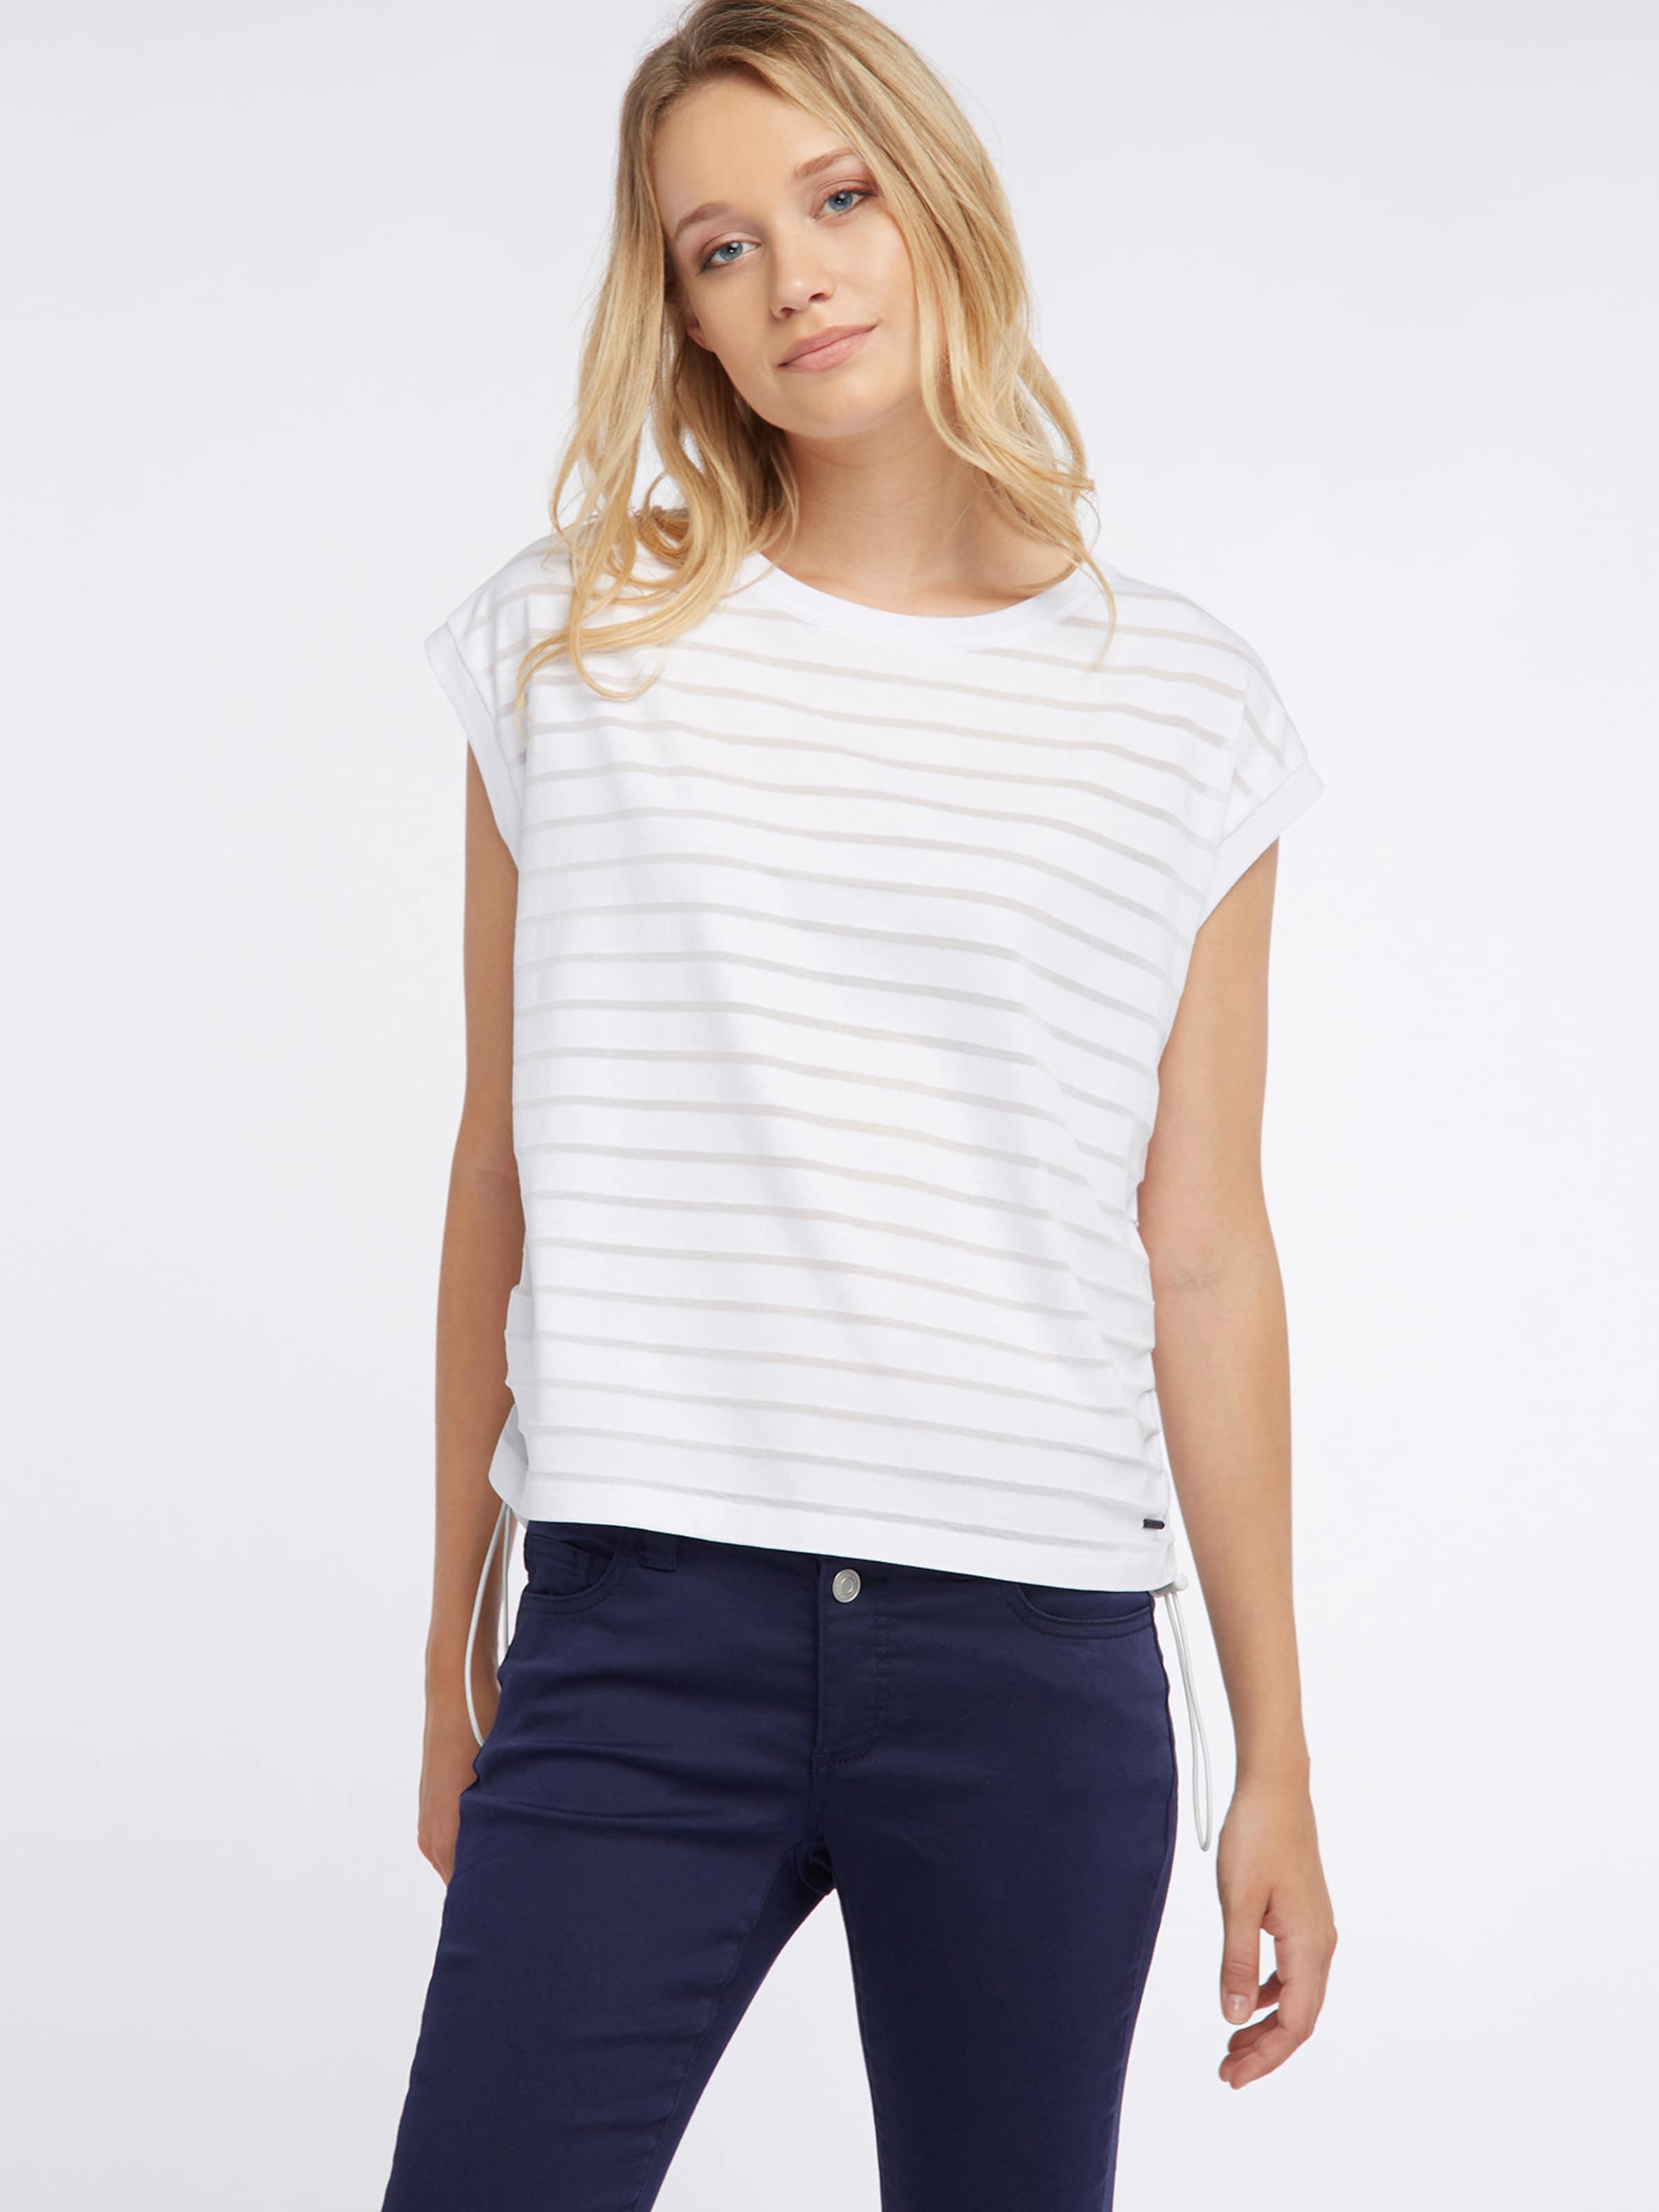 Nyc Weiß Broadway In Shirt 'poni' Fashion FKlcT1J